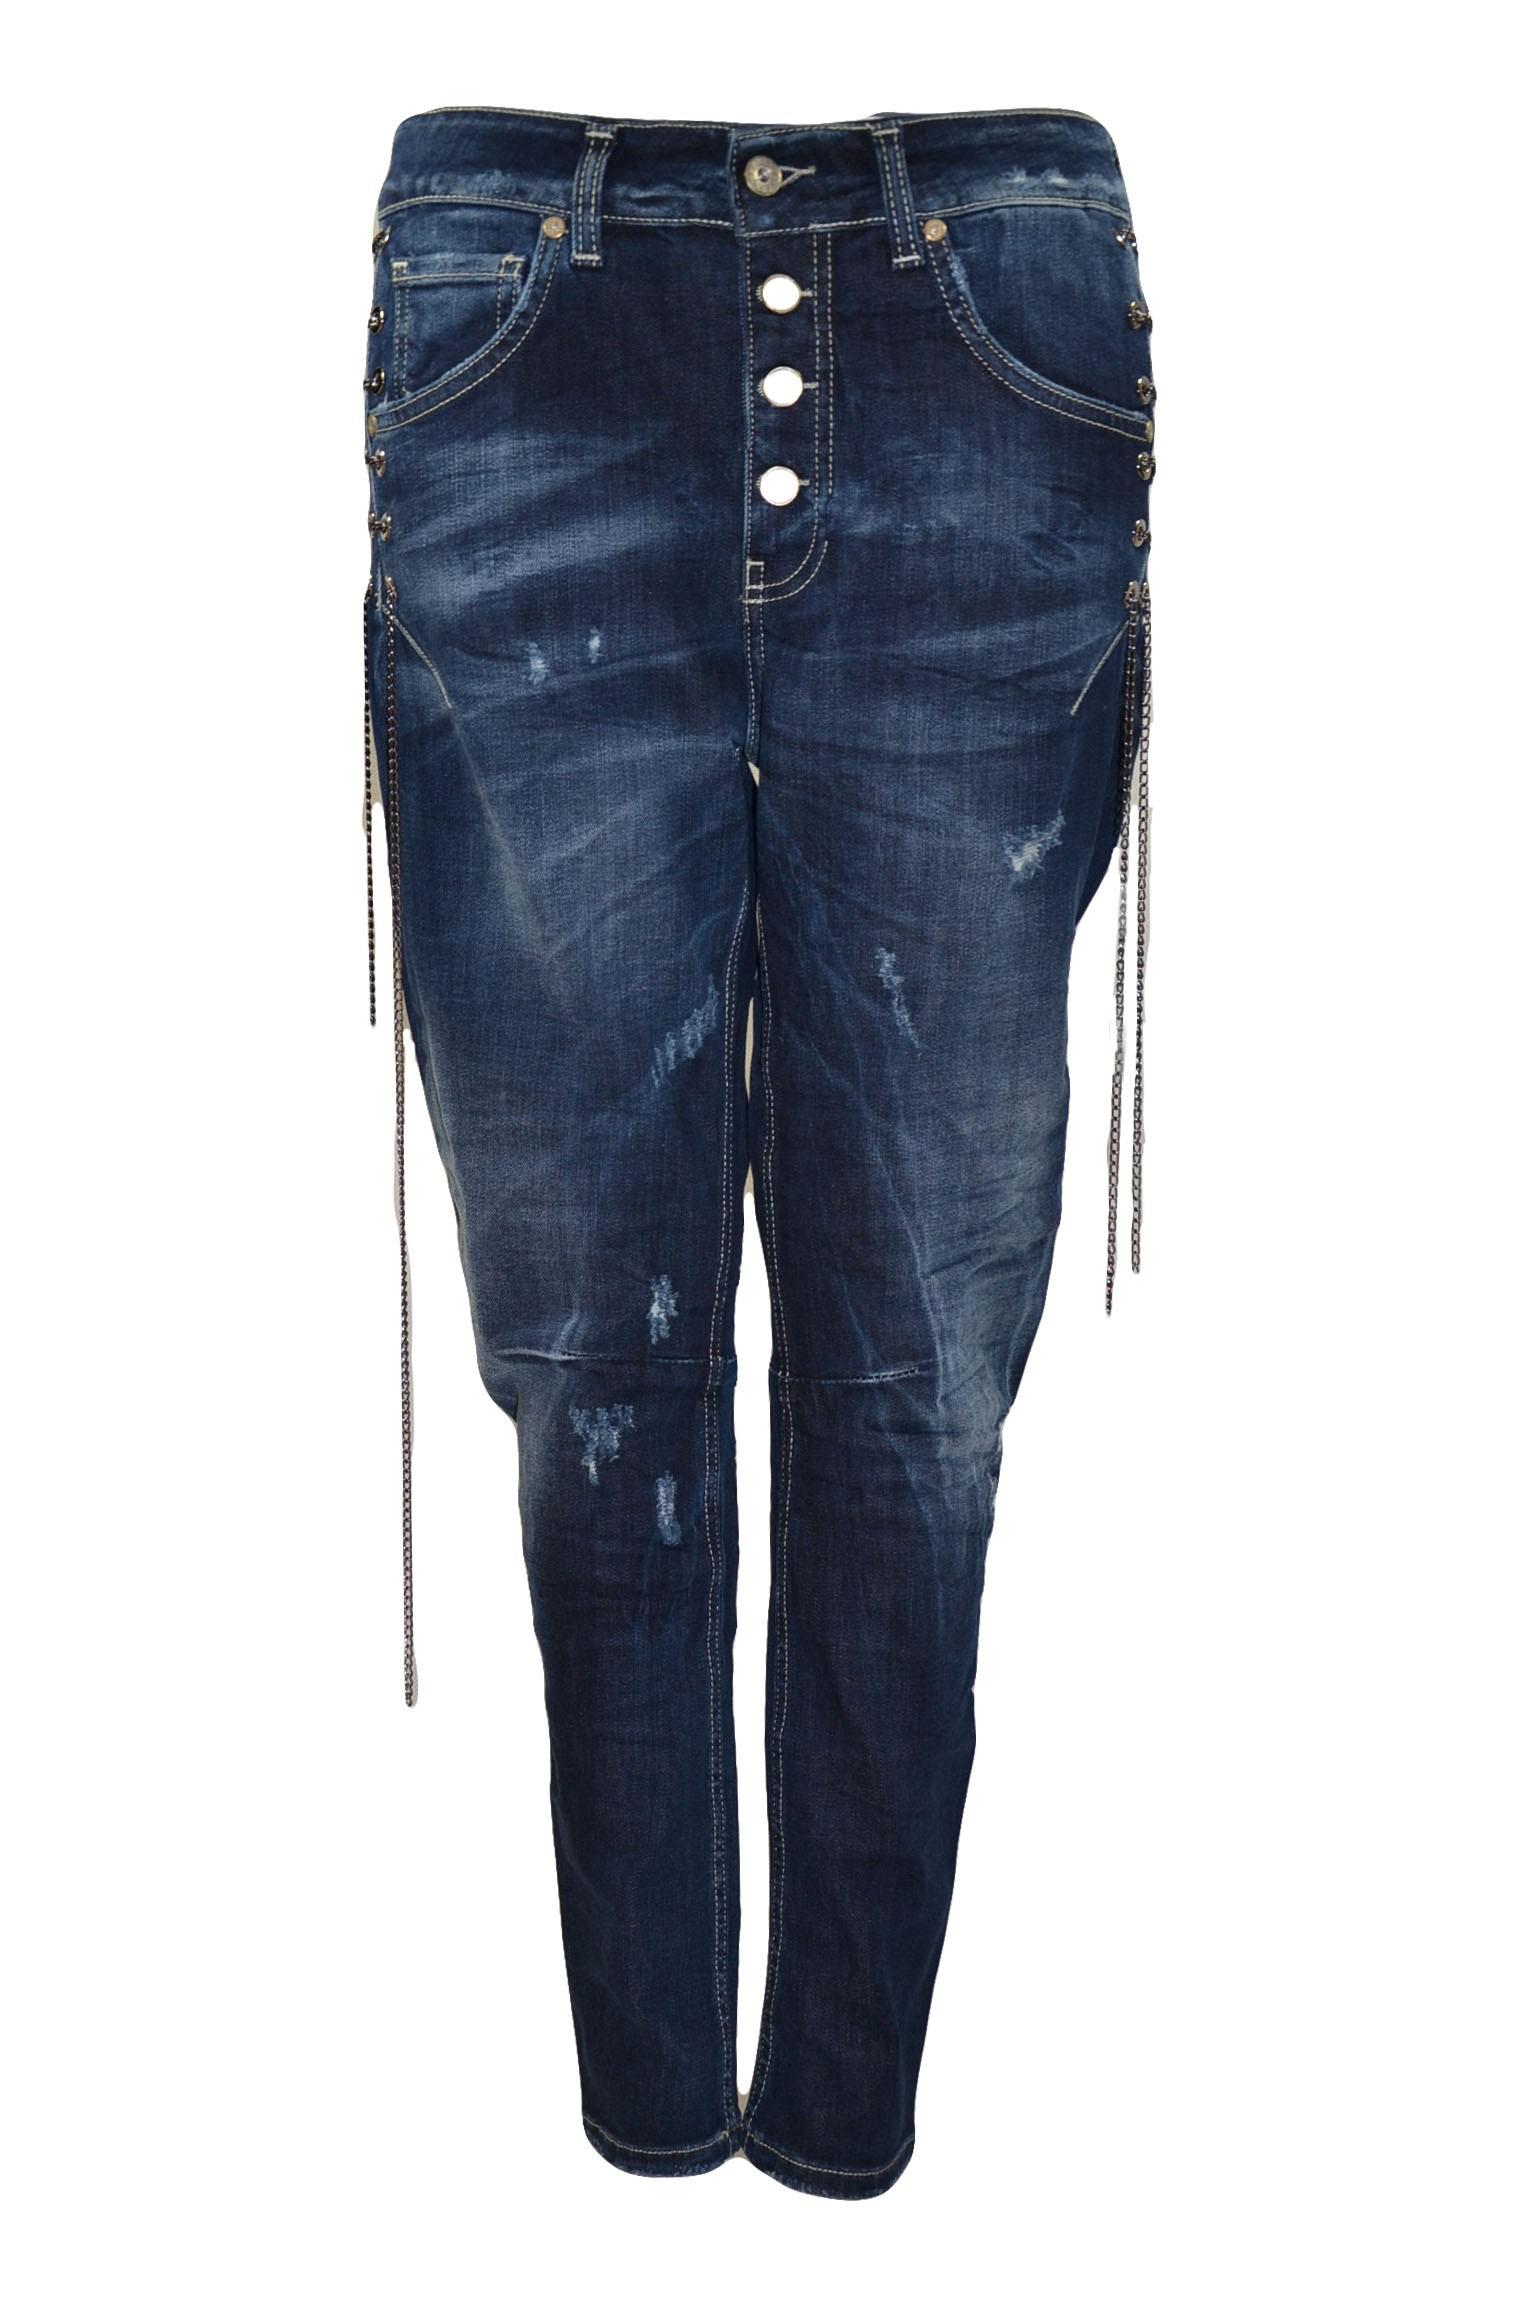 Rossodisera jeans boyfriend j3097rds